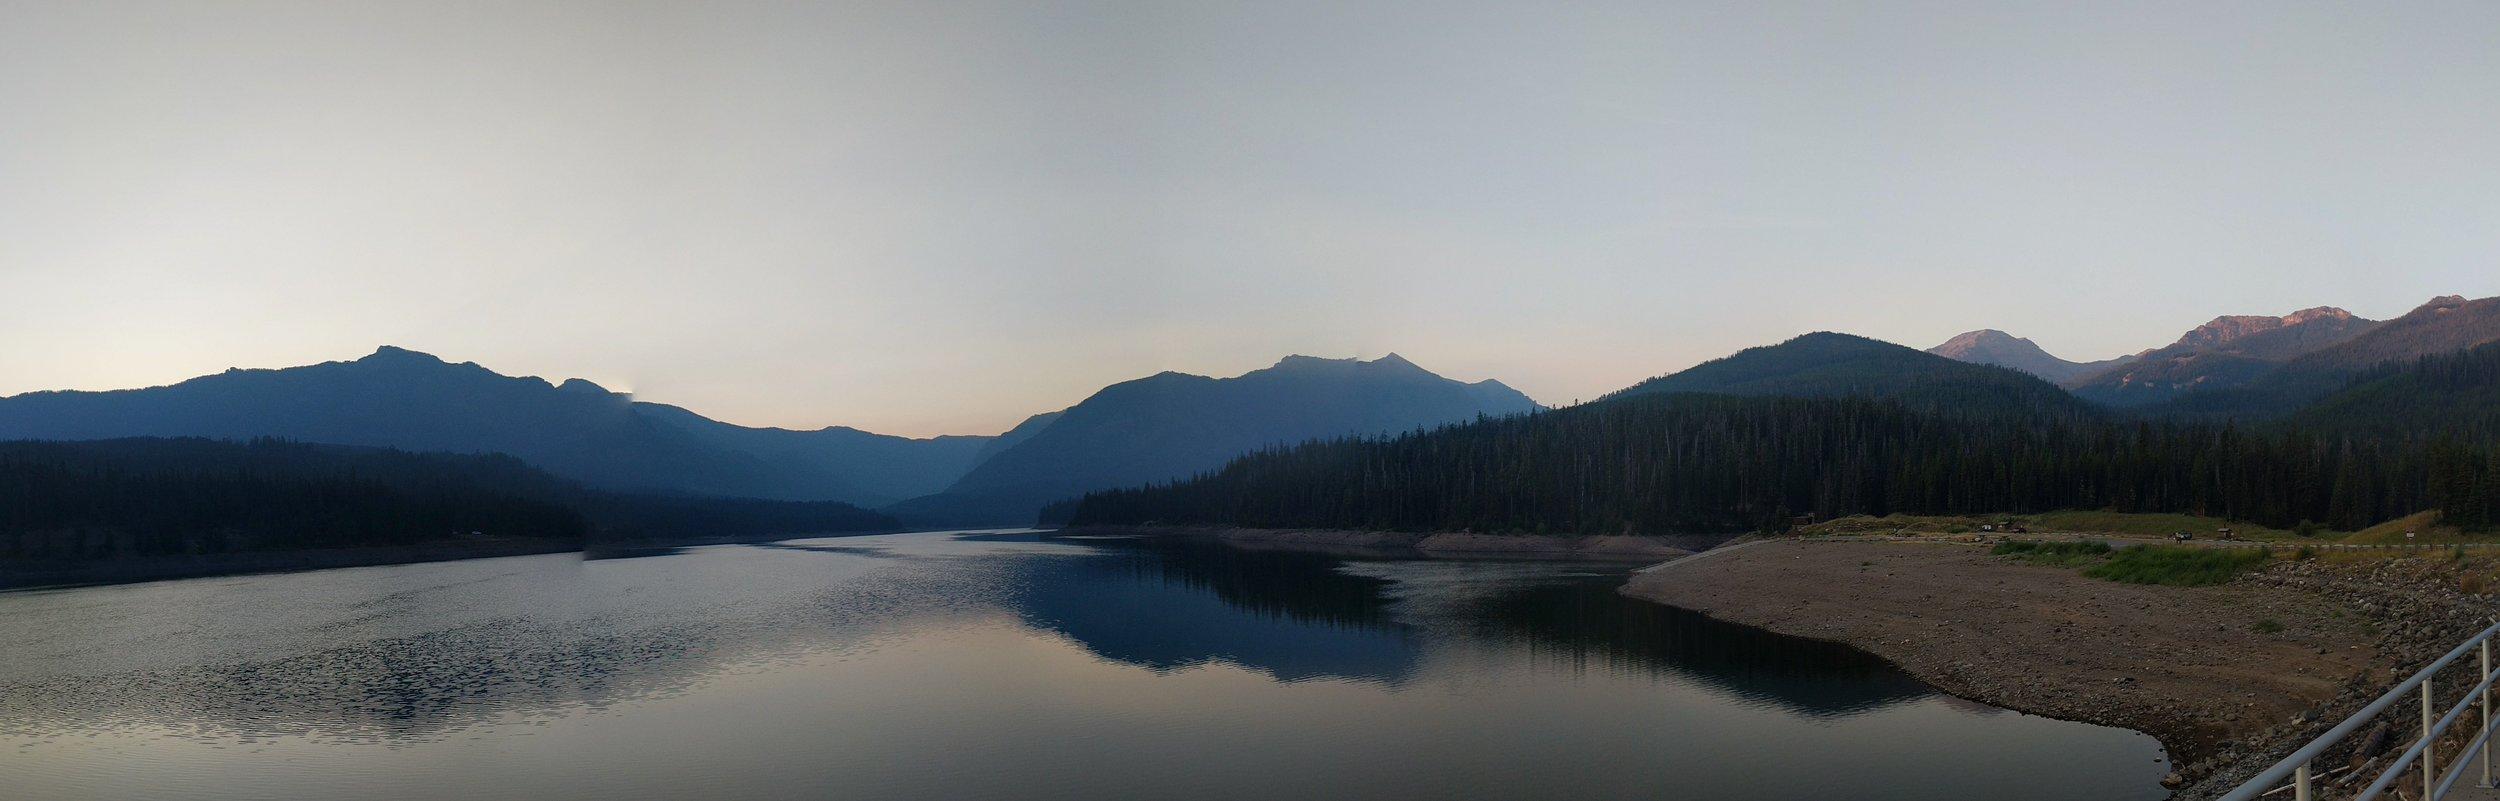 Hyalite Reservoir, just before dawn